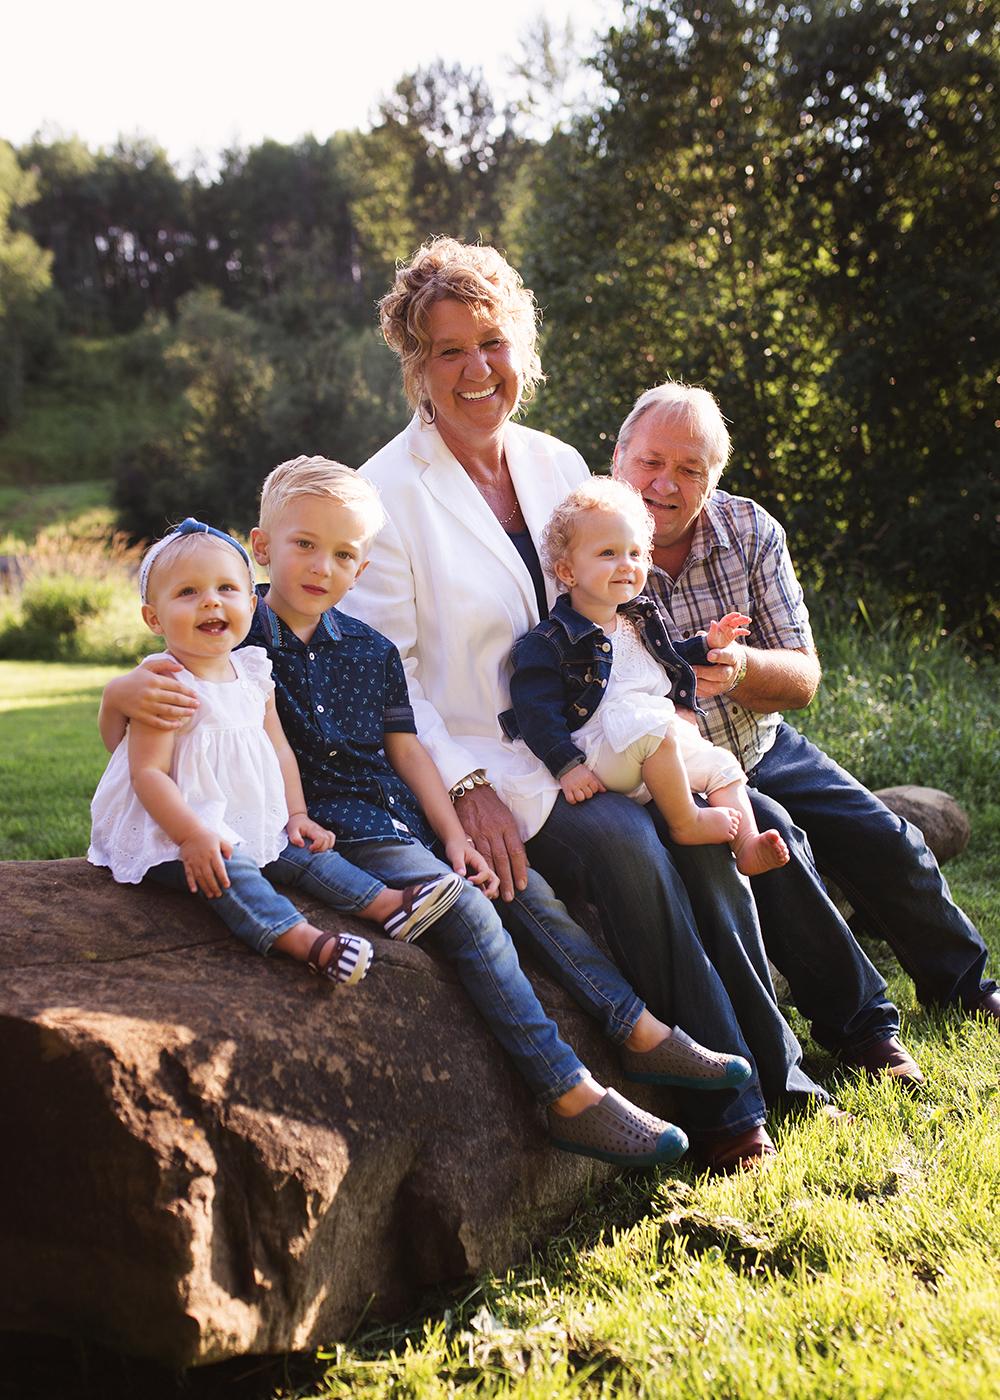 Edmonton Extended Family Photographer_Miller Family 8.jpg